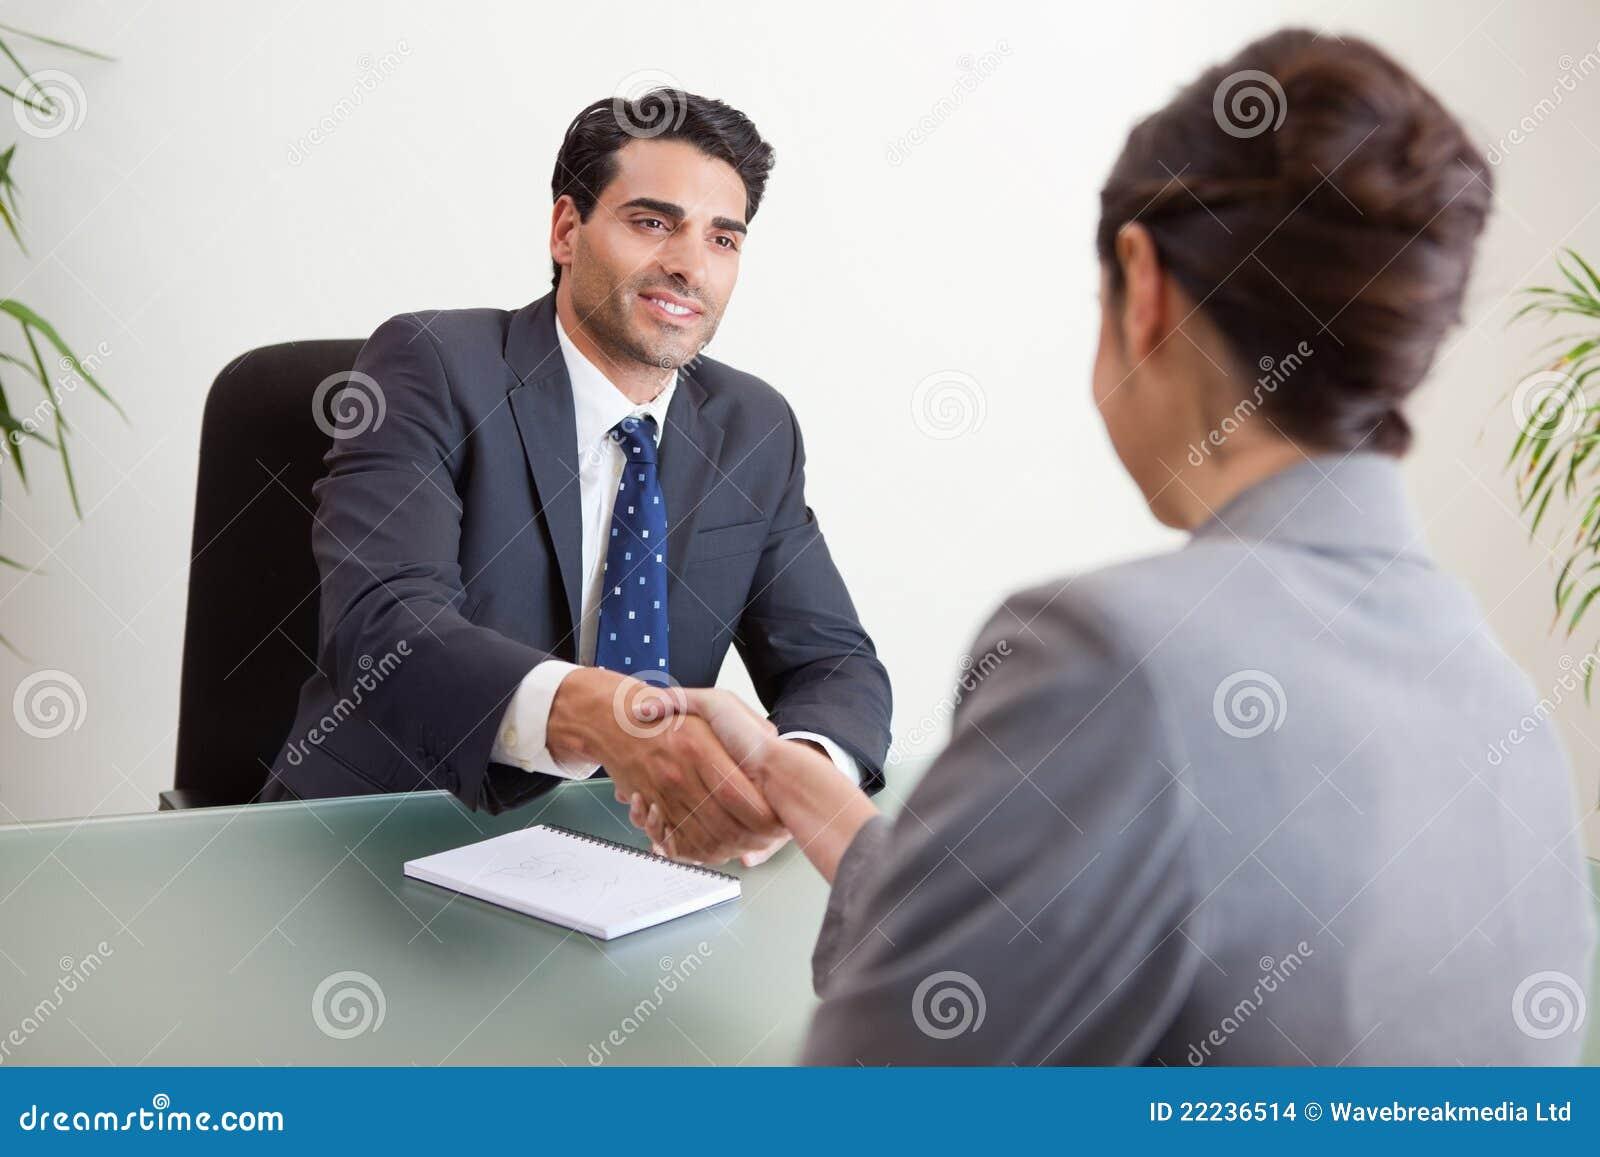 Lächelnder Manager, der einen weiblichen Bewerber interviewt